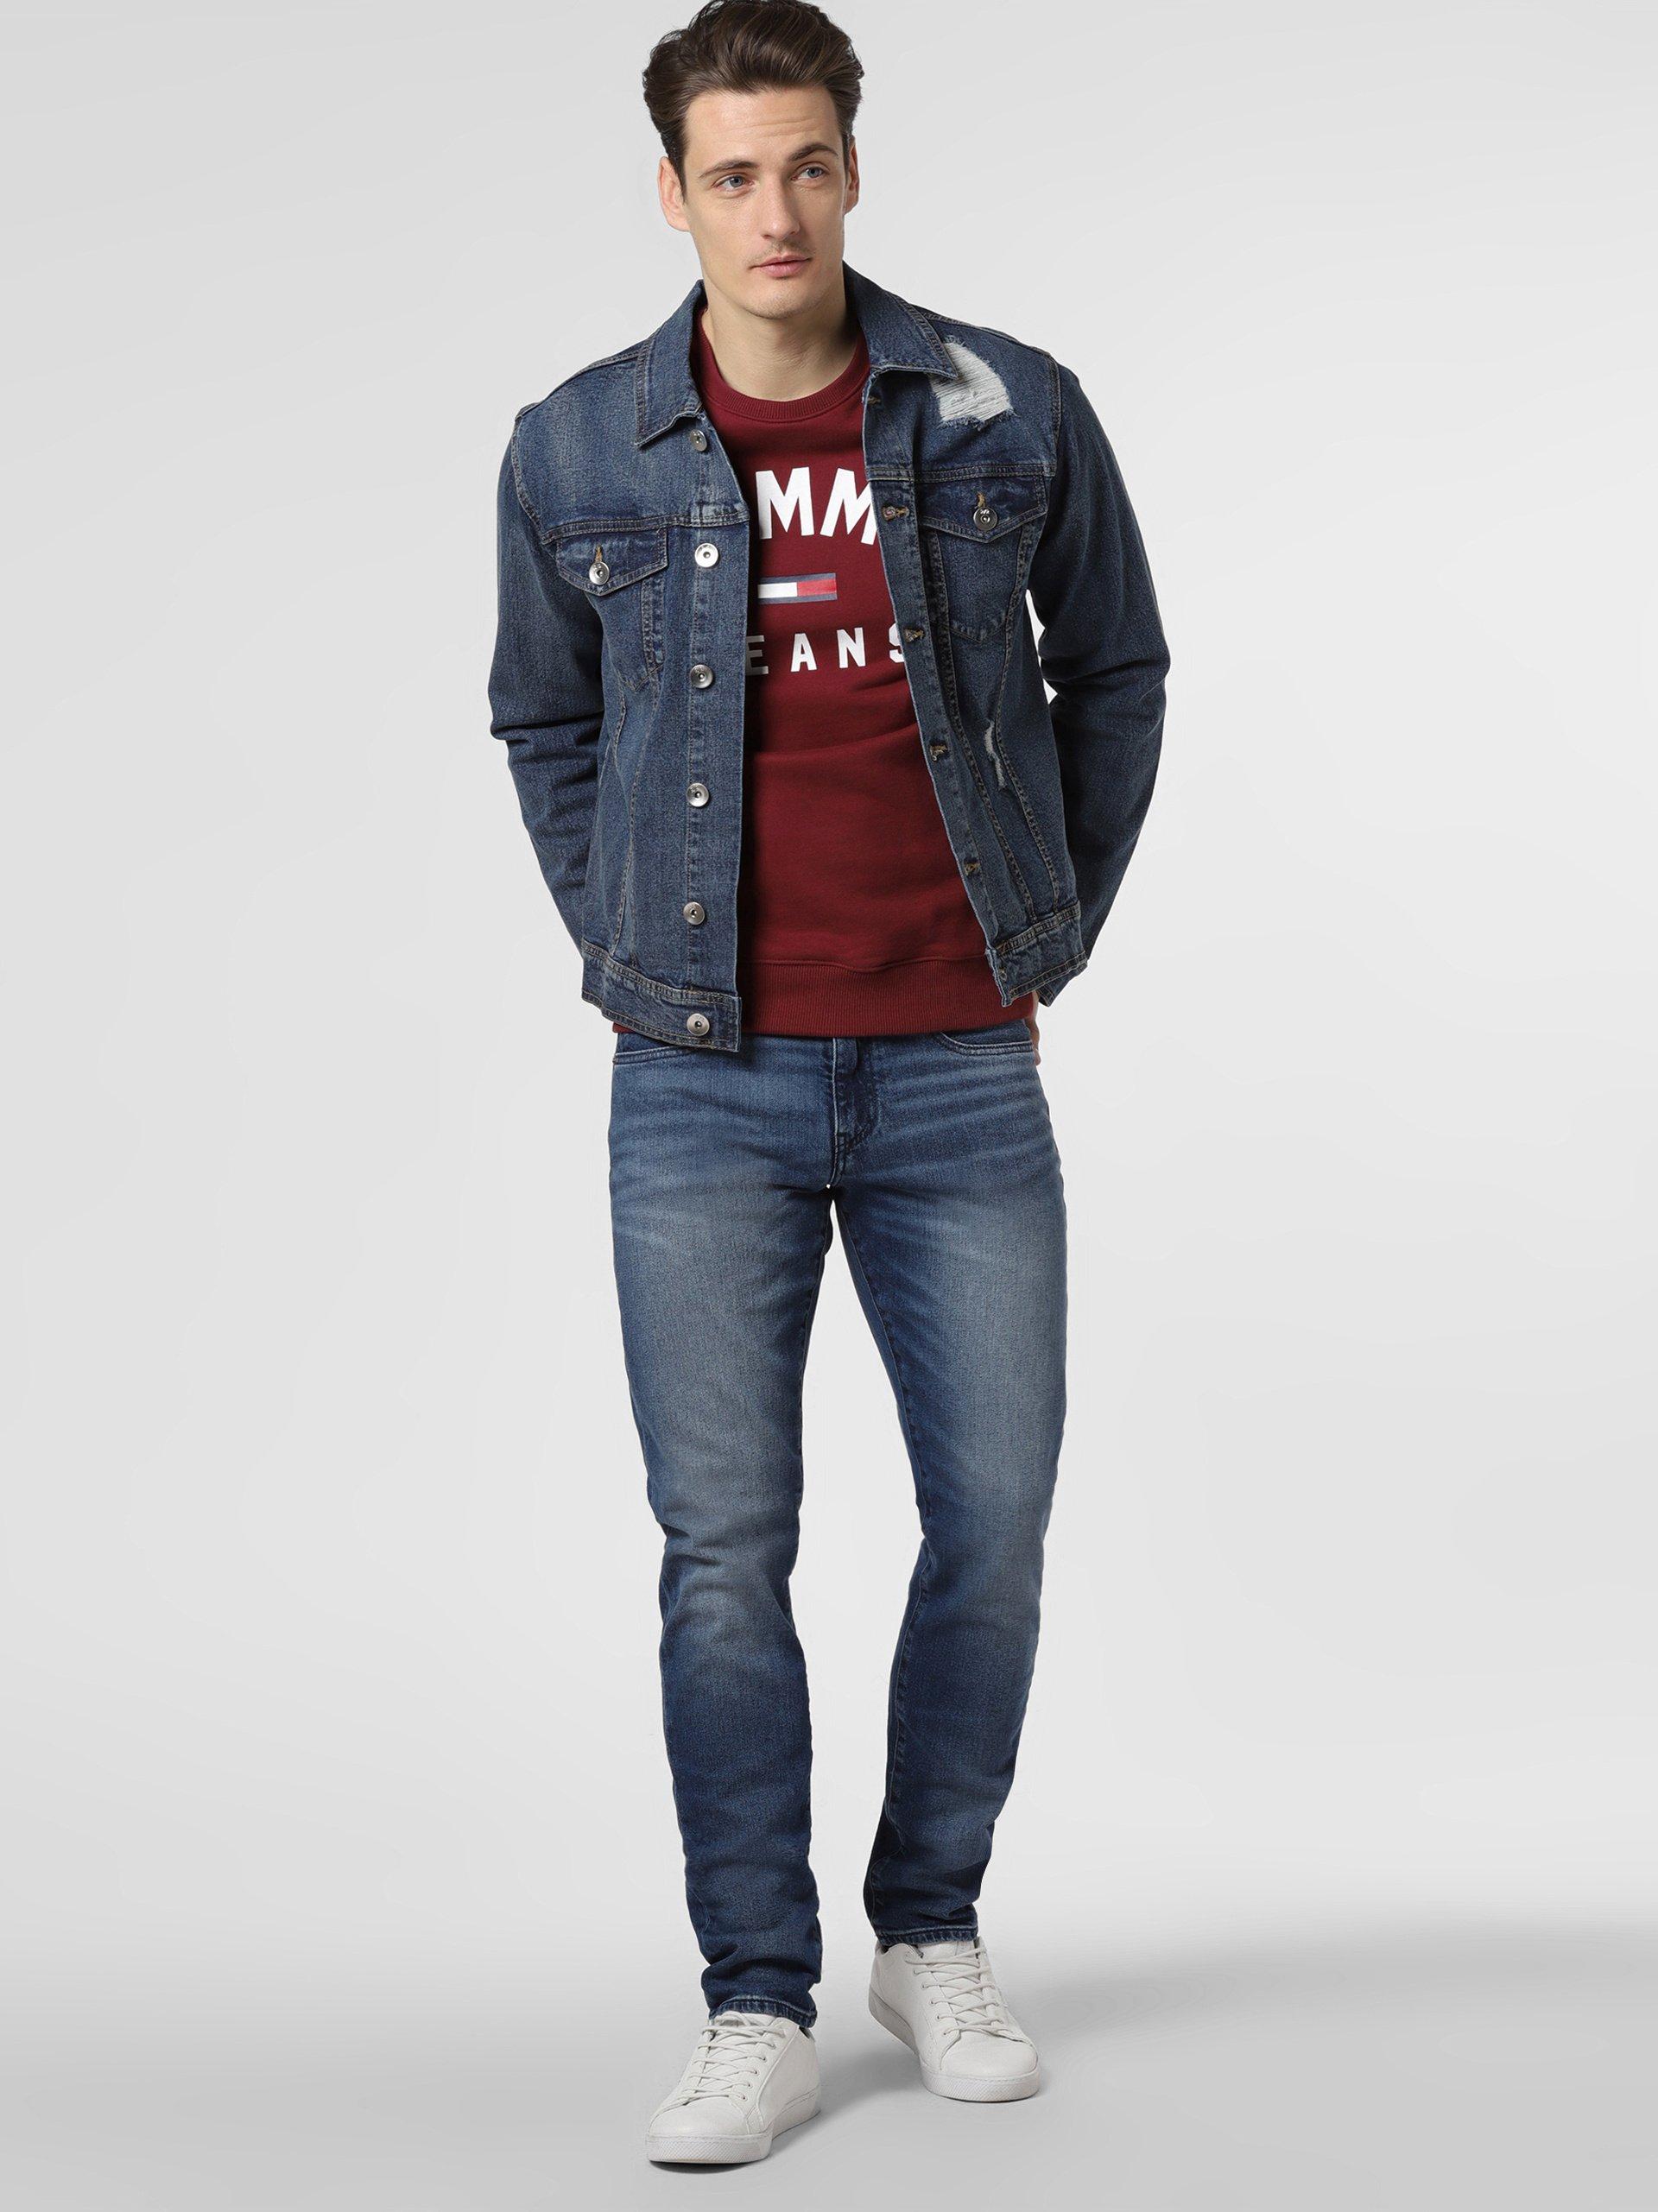 Armani Exchange Herren Jeans - J13